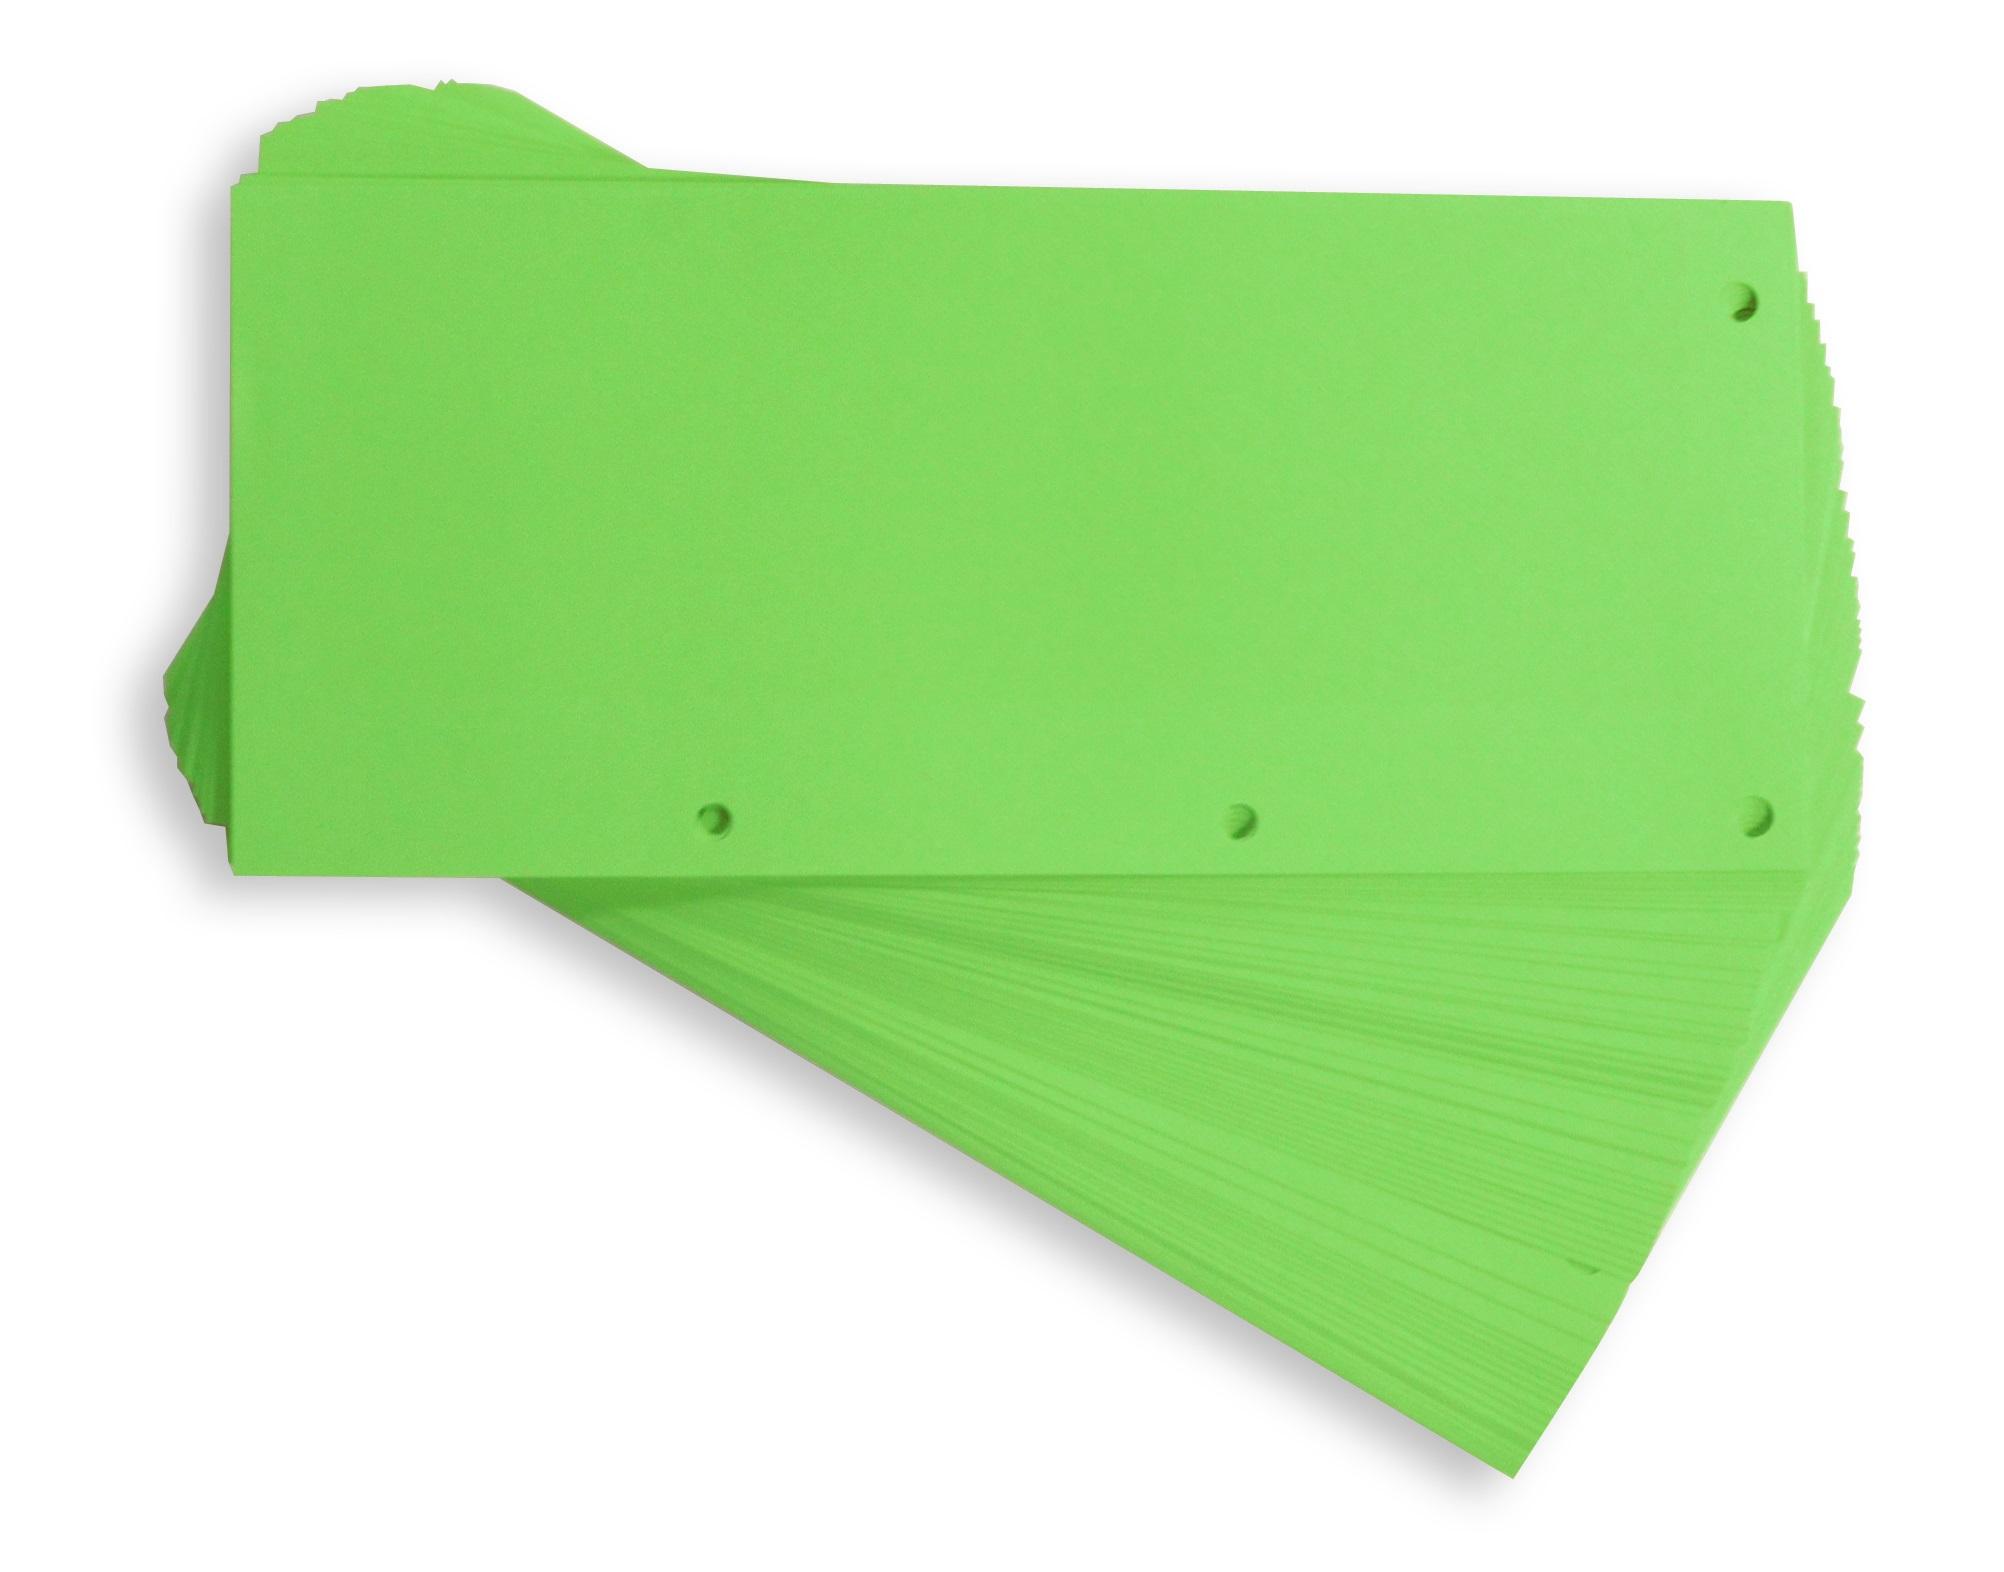 Separatoare carton pentru biblioraft, 190g/mp, 105 x 240 mm, 60/set, ELBA Duo - verde